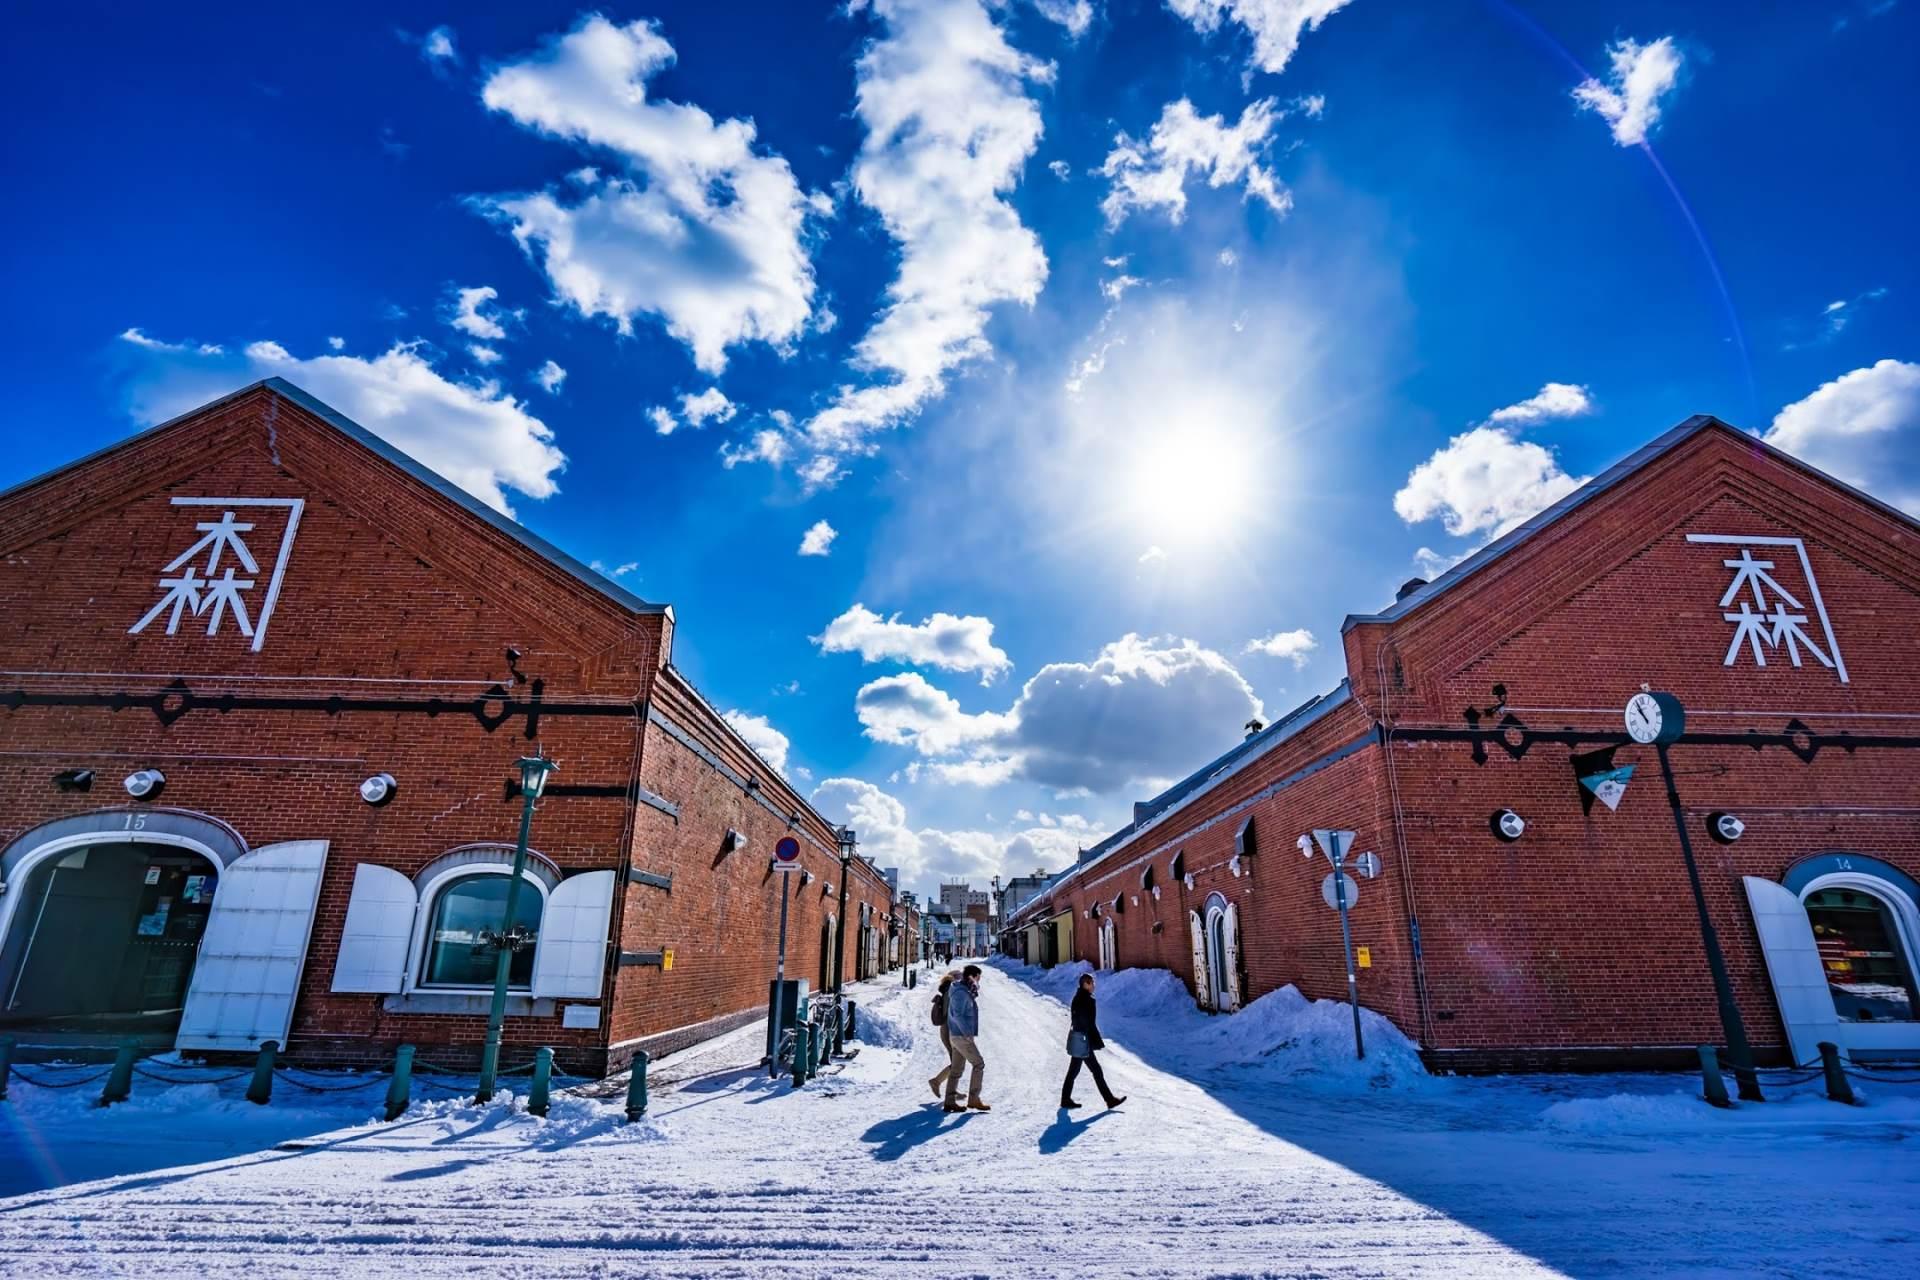 伫立在冰天雪地中的金森红砖仓库